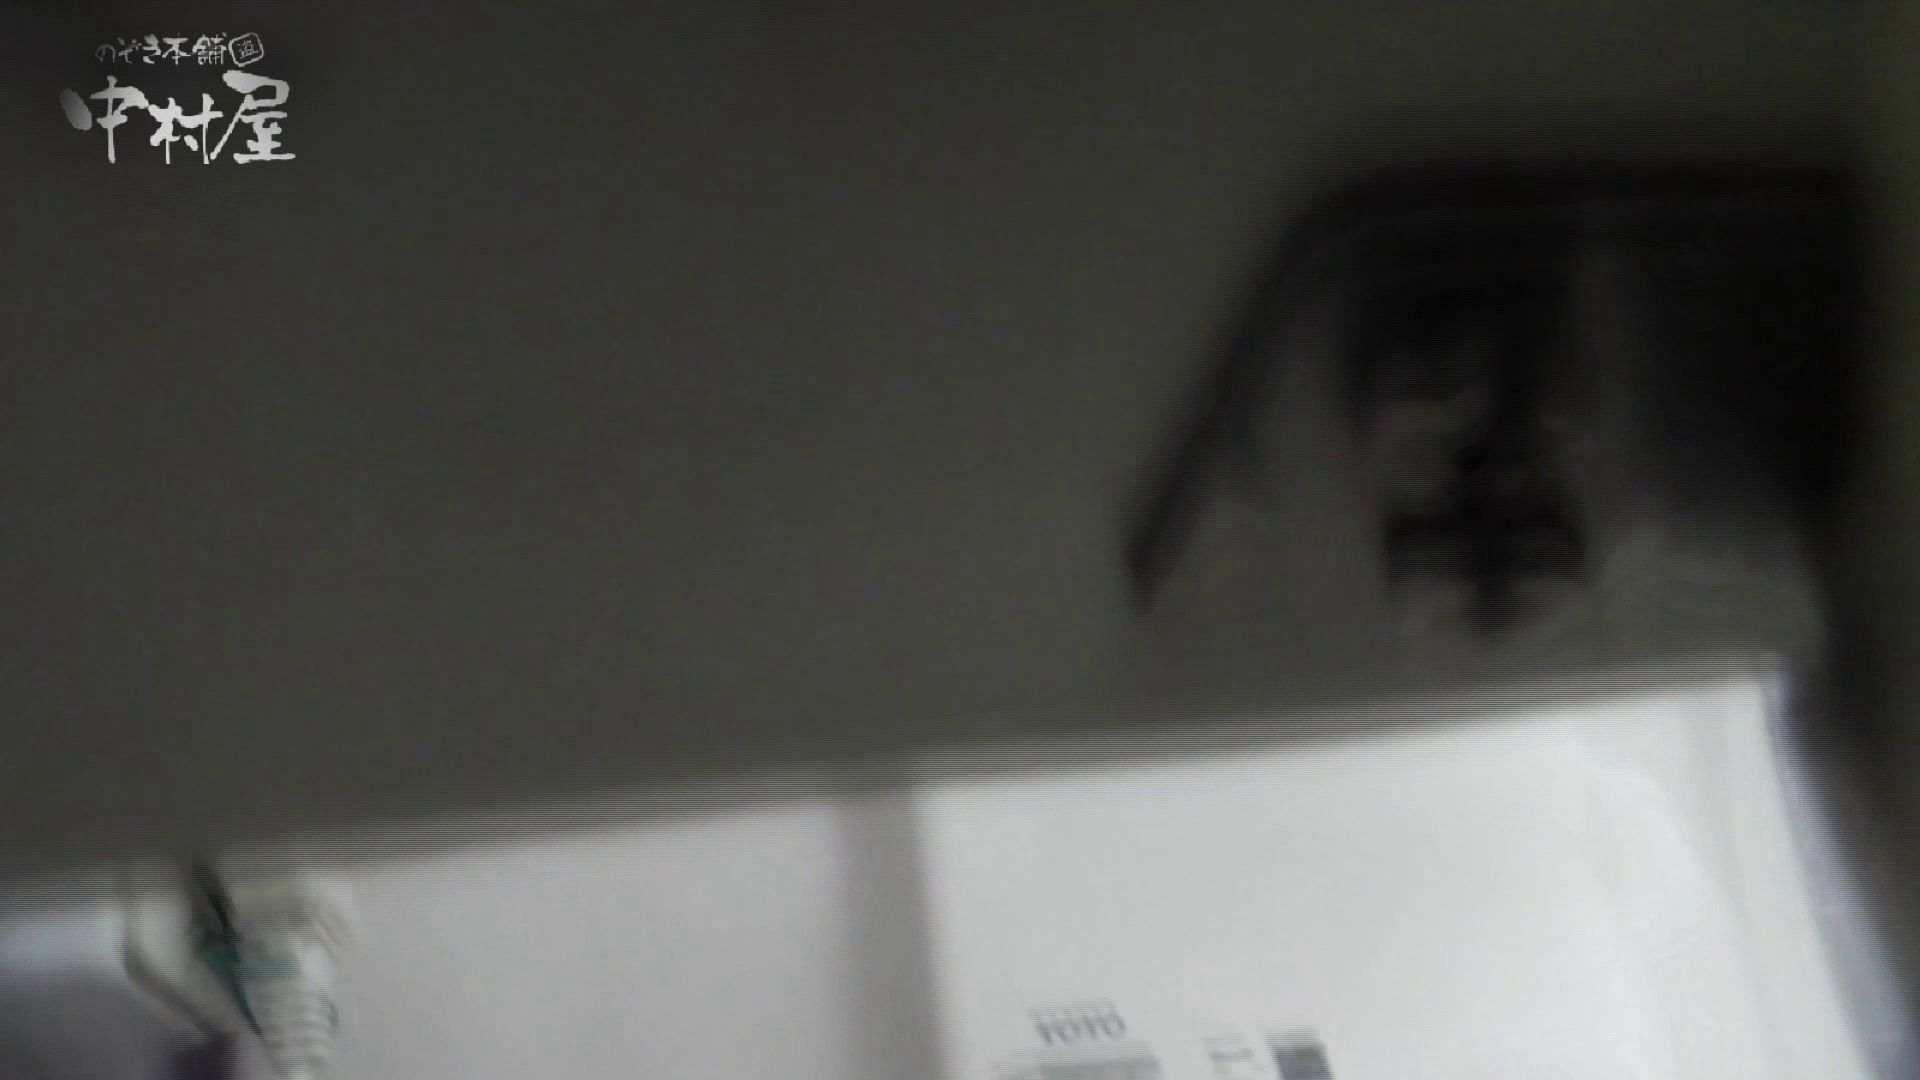 ▲期間限定D▲第三体育館潜入撮File035 アングル調整、場所変更!違った味の物が誕生 前編 女子トイレ潜入 すけべAV動画紹介 104pic 41